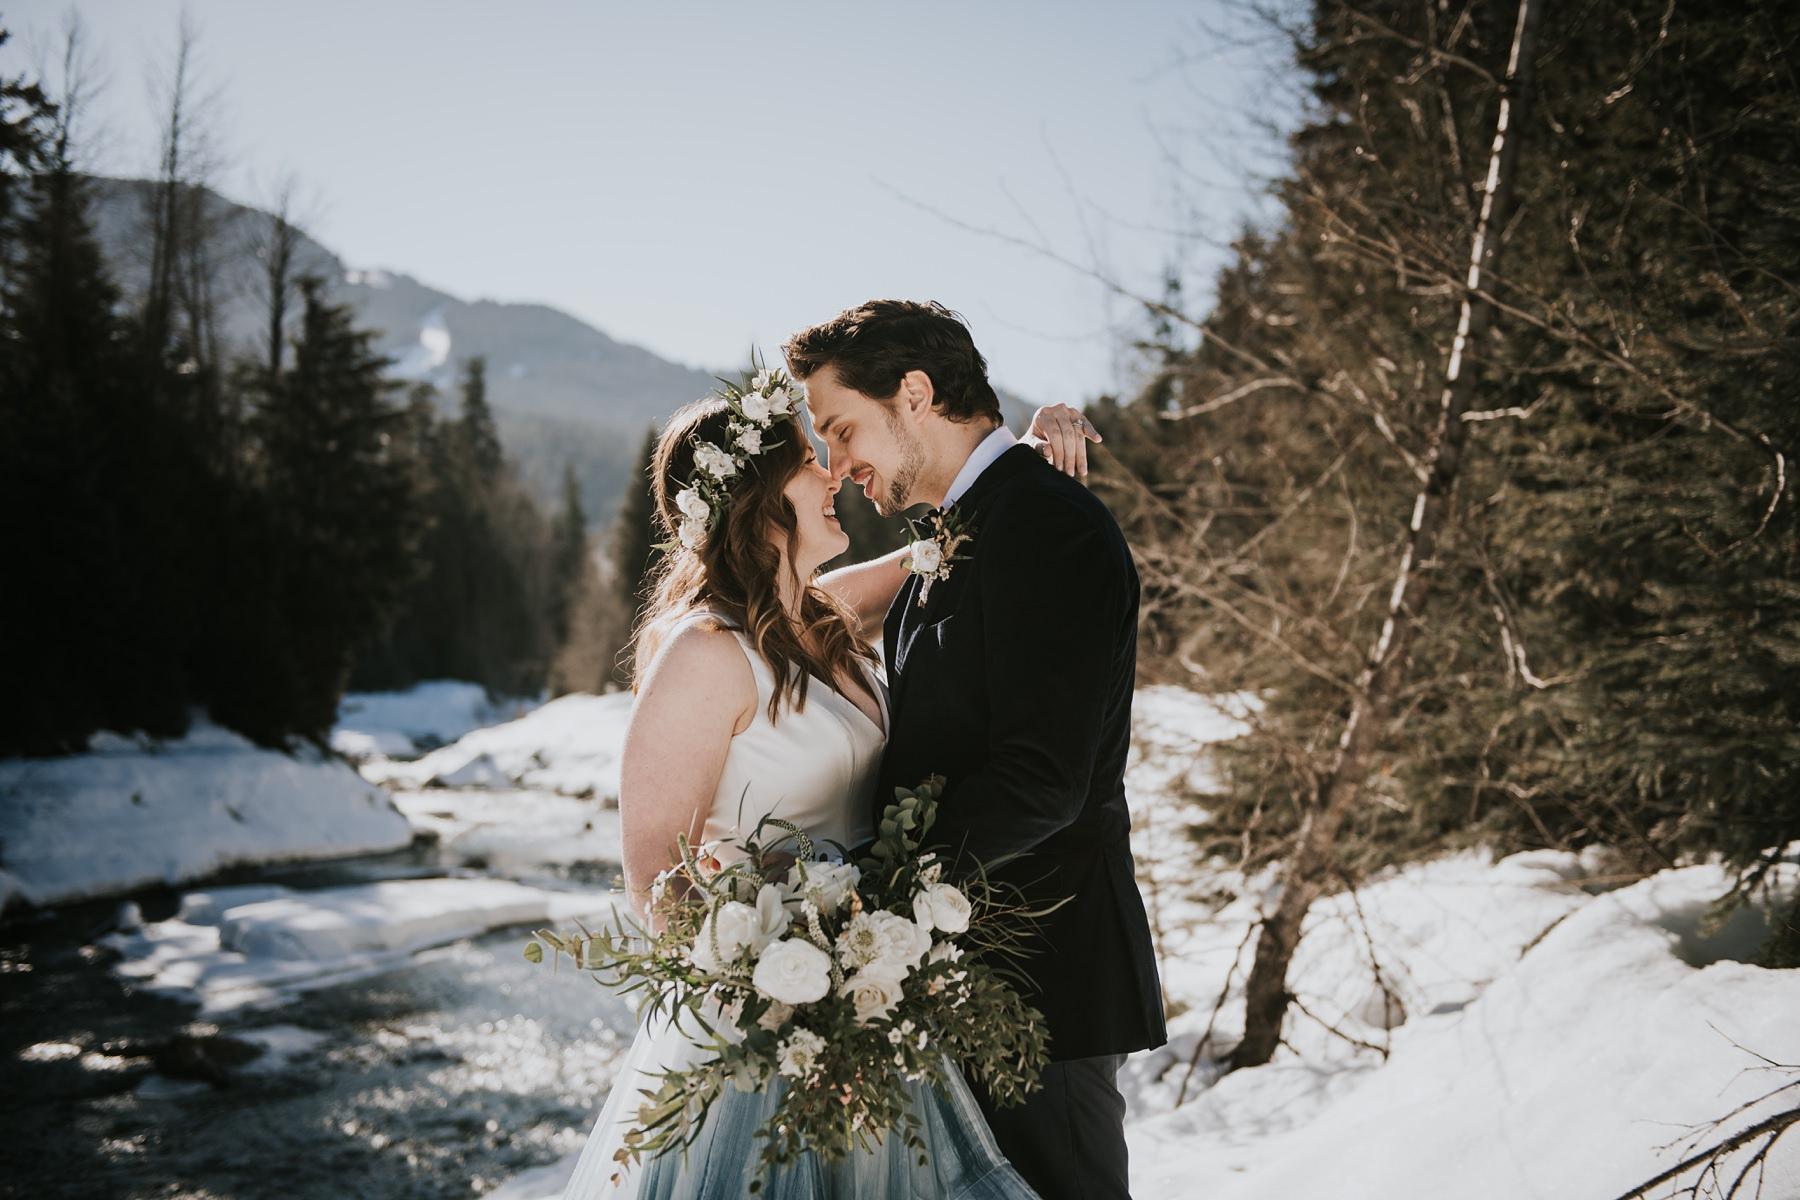 bride and groom embracing at the river at winter Nita lake lodge wedding